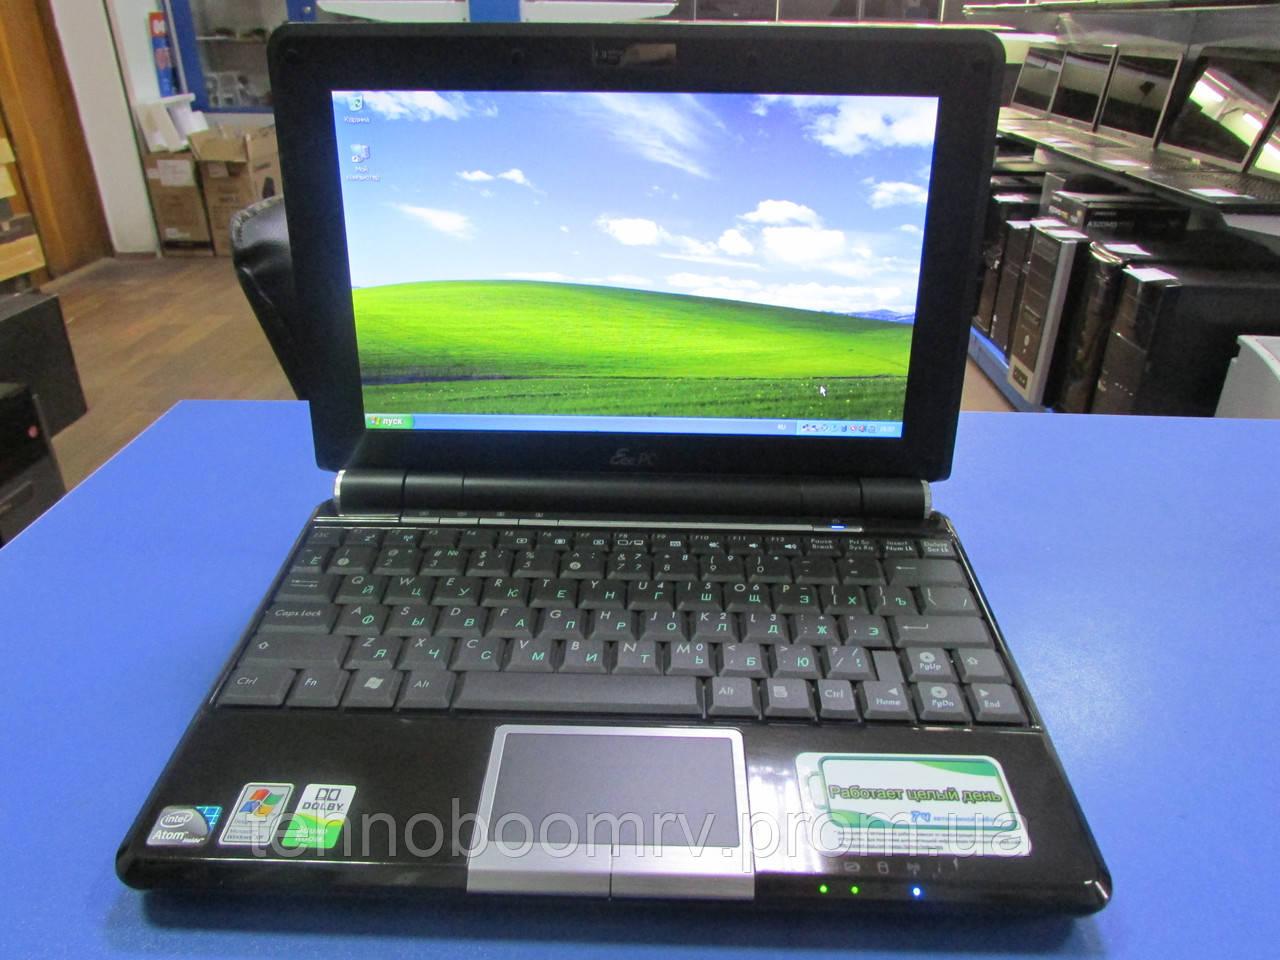 Нетбук Asus 1000H - Intel Atom N270 1.6GHz/HDD 160GB/Intel HD